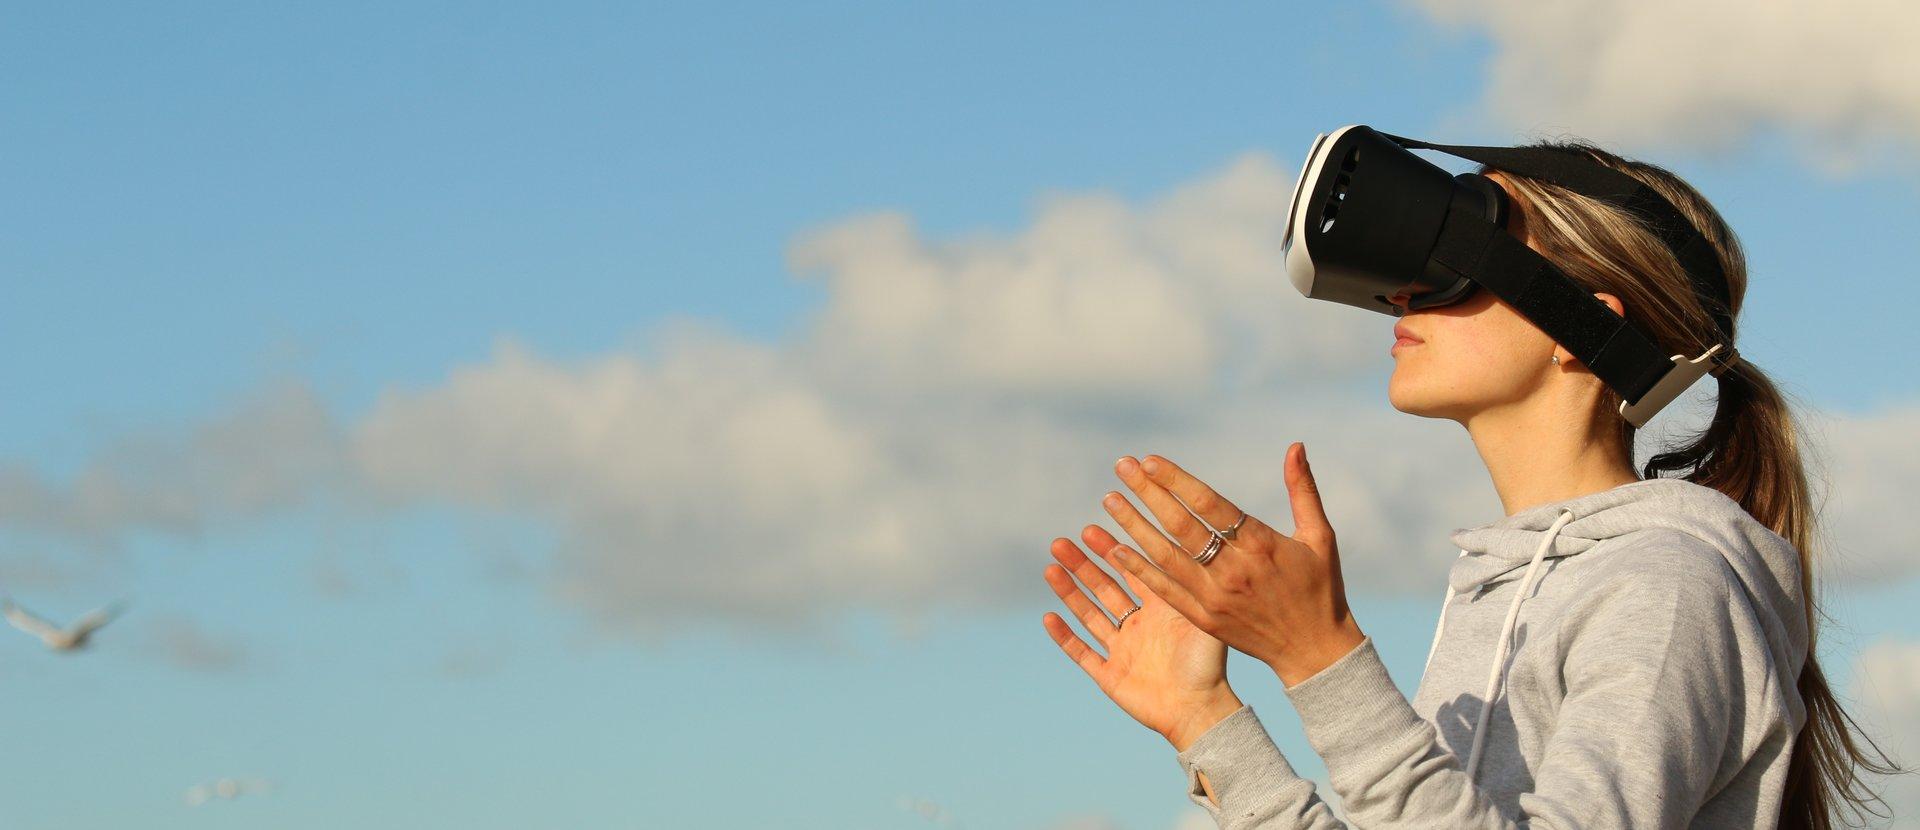 Niesamowity! Doświadcz wirtualnie Górnych Łużyc